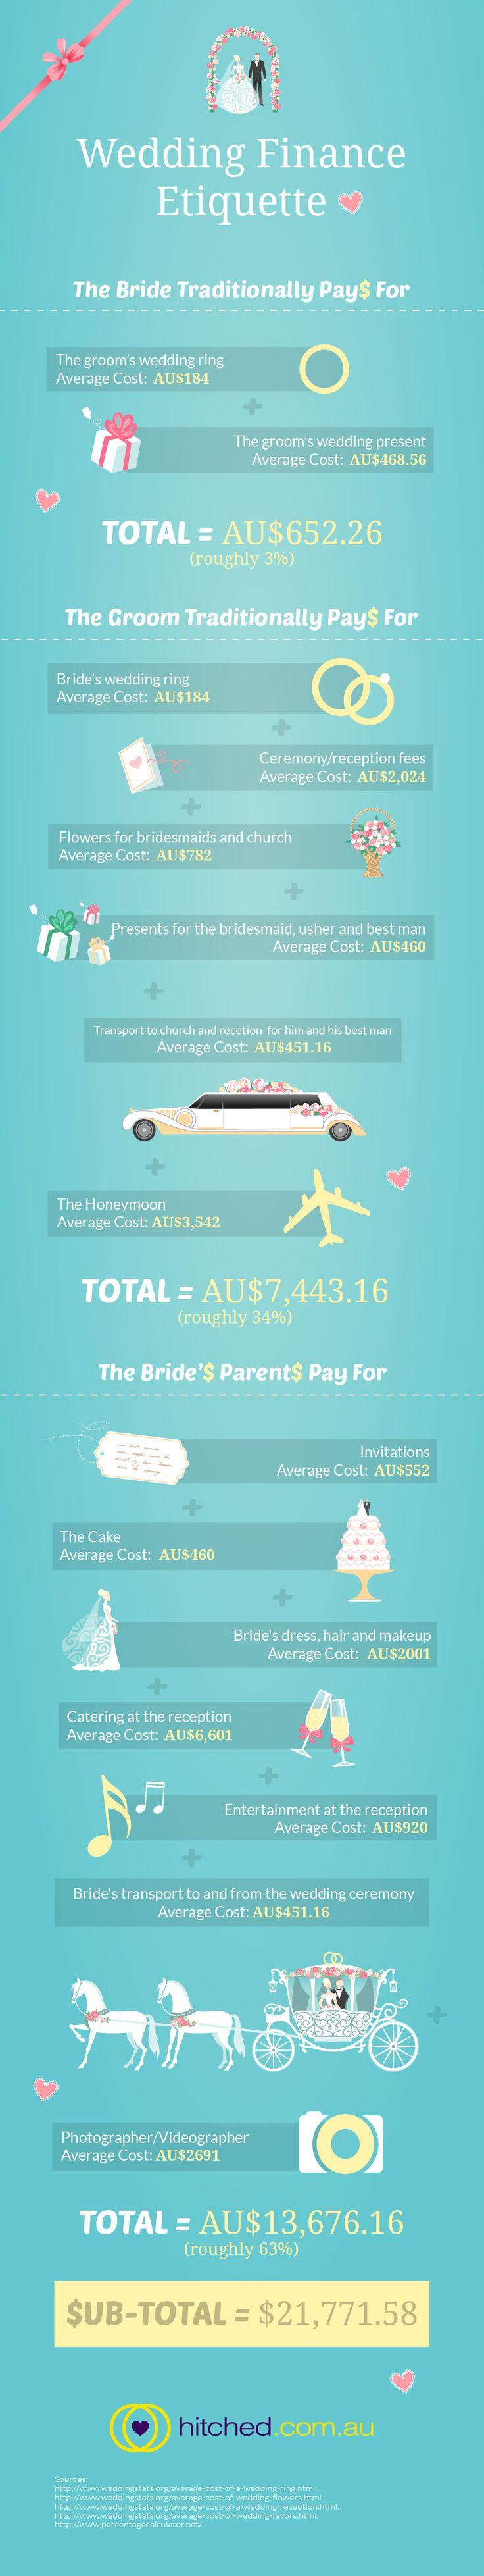 Wedding Finance Etiquette #infographic #wedding